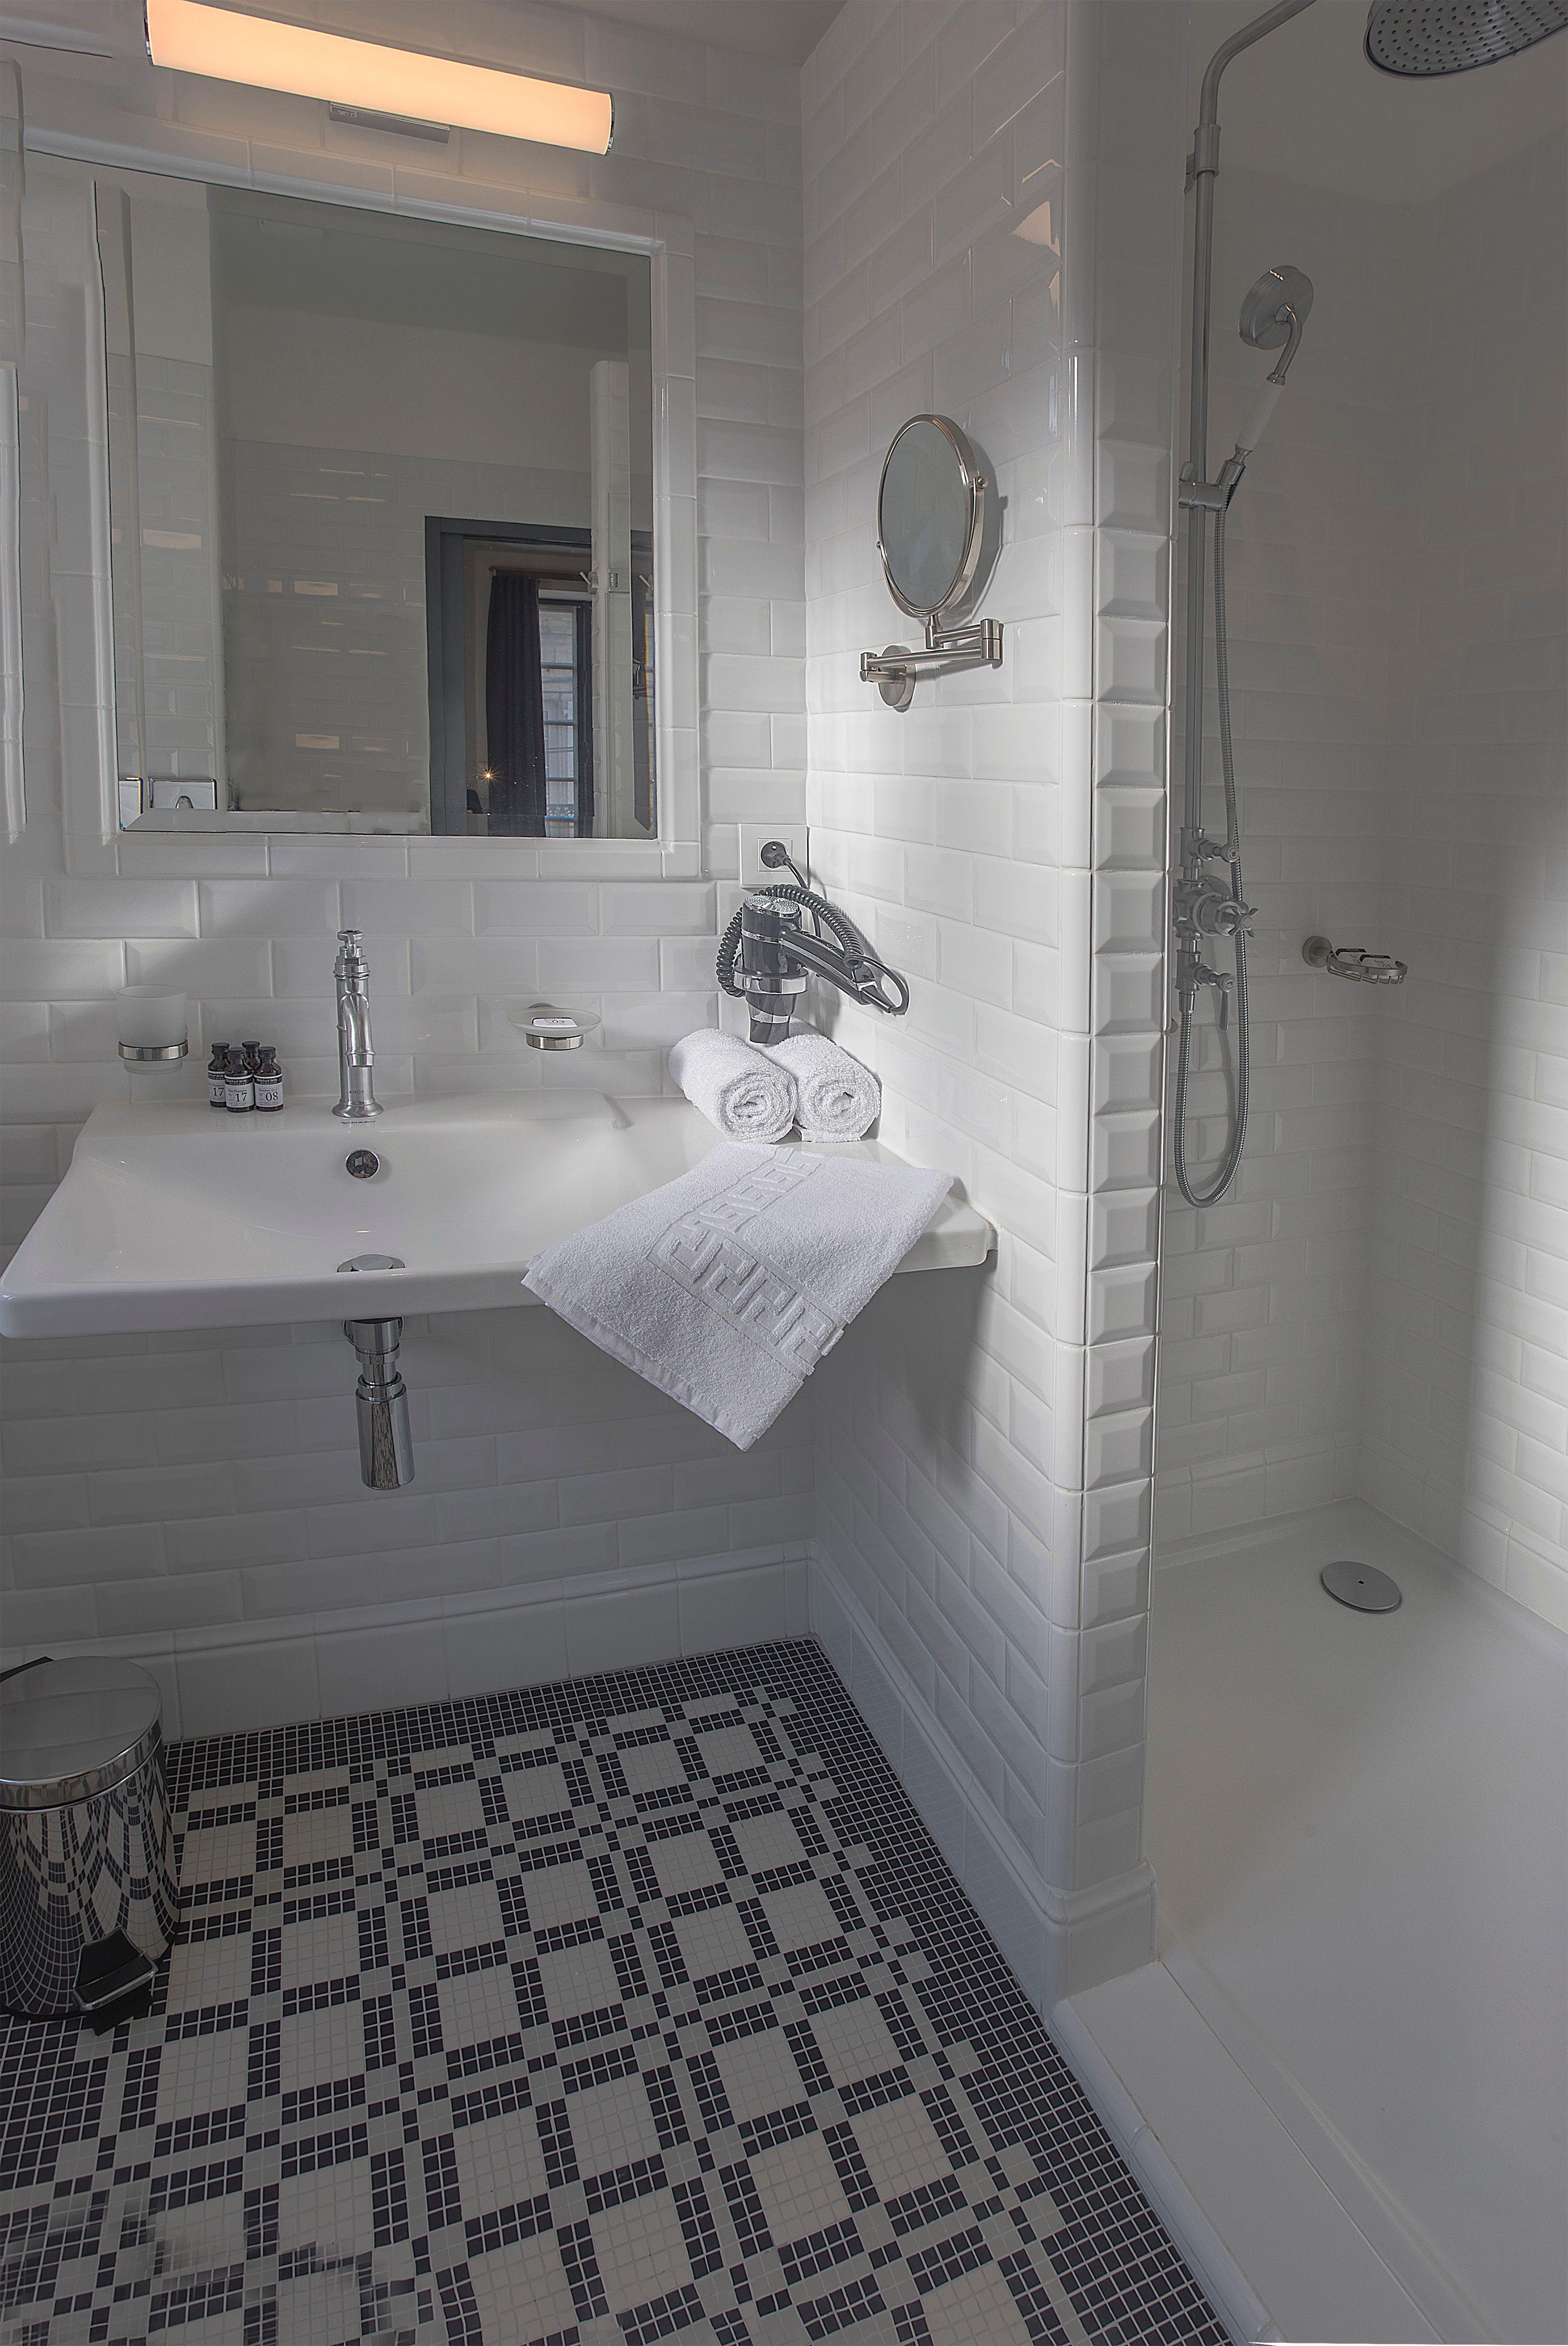 appart-hotel-angouleme-duplex-cote-est-deux-chambres-salle-de-bain-douche-mirroir-vue-de-face